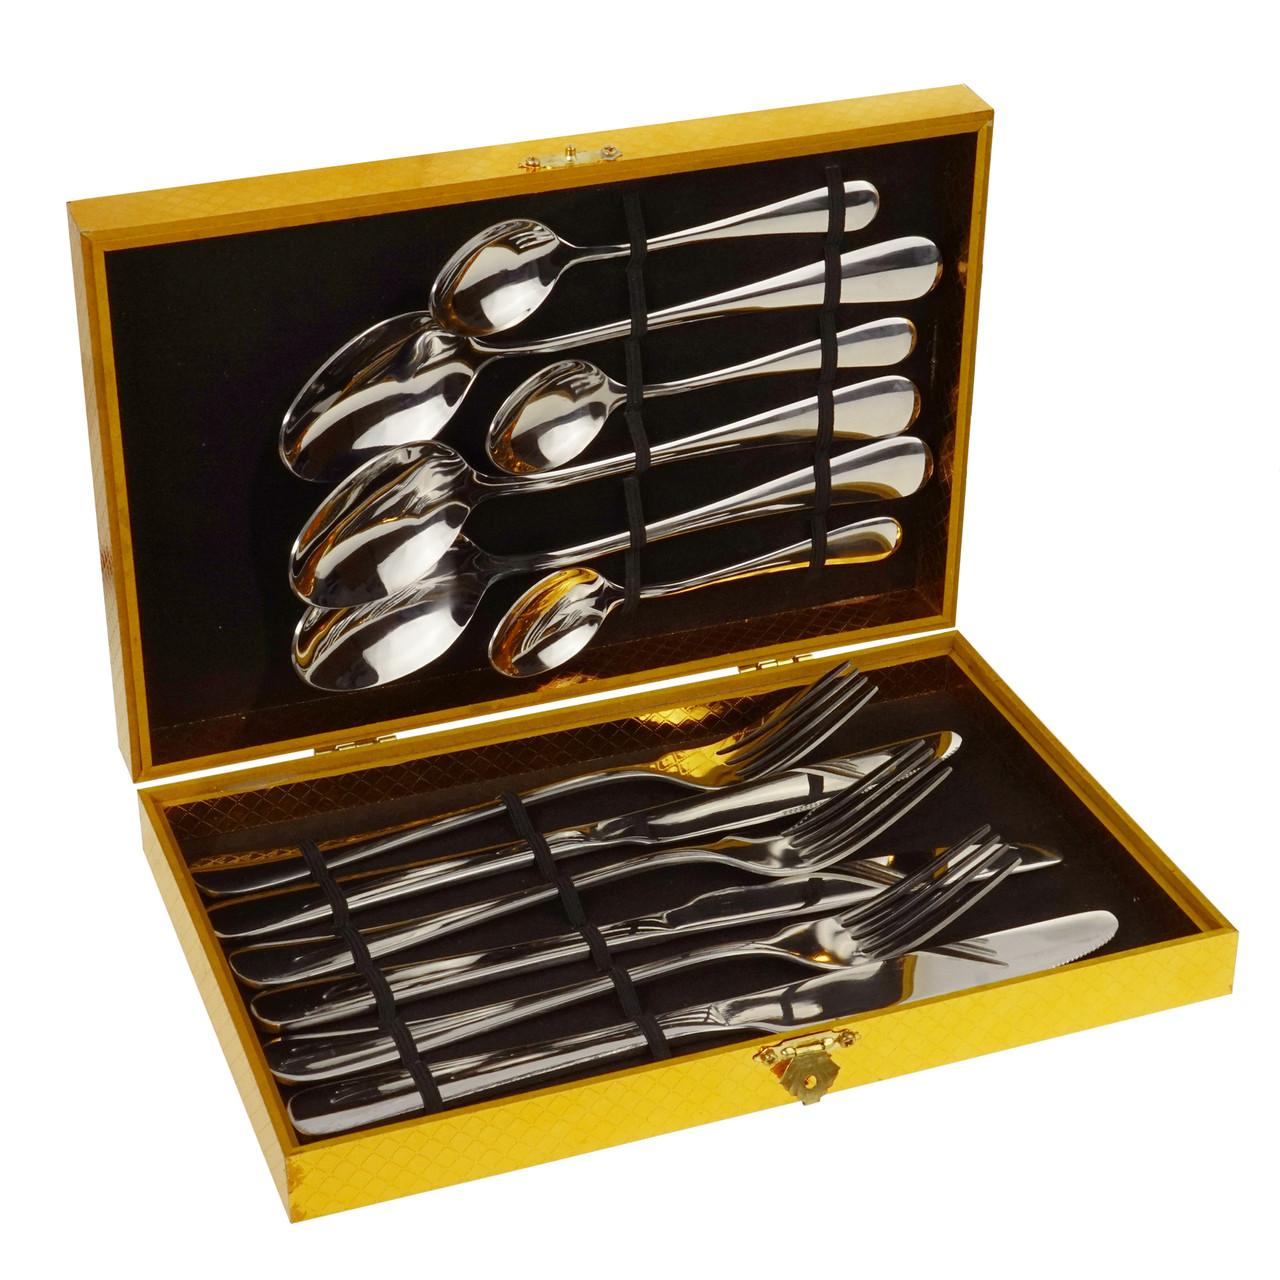 Набор столовых приборов в подарочном кейсе на 12 предметов